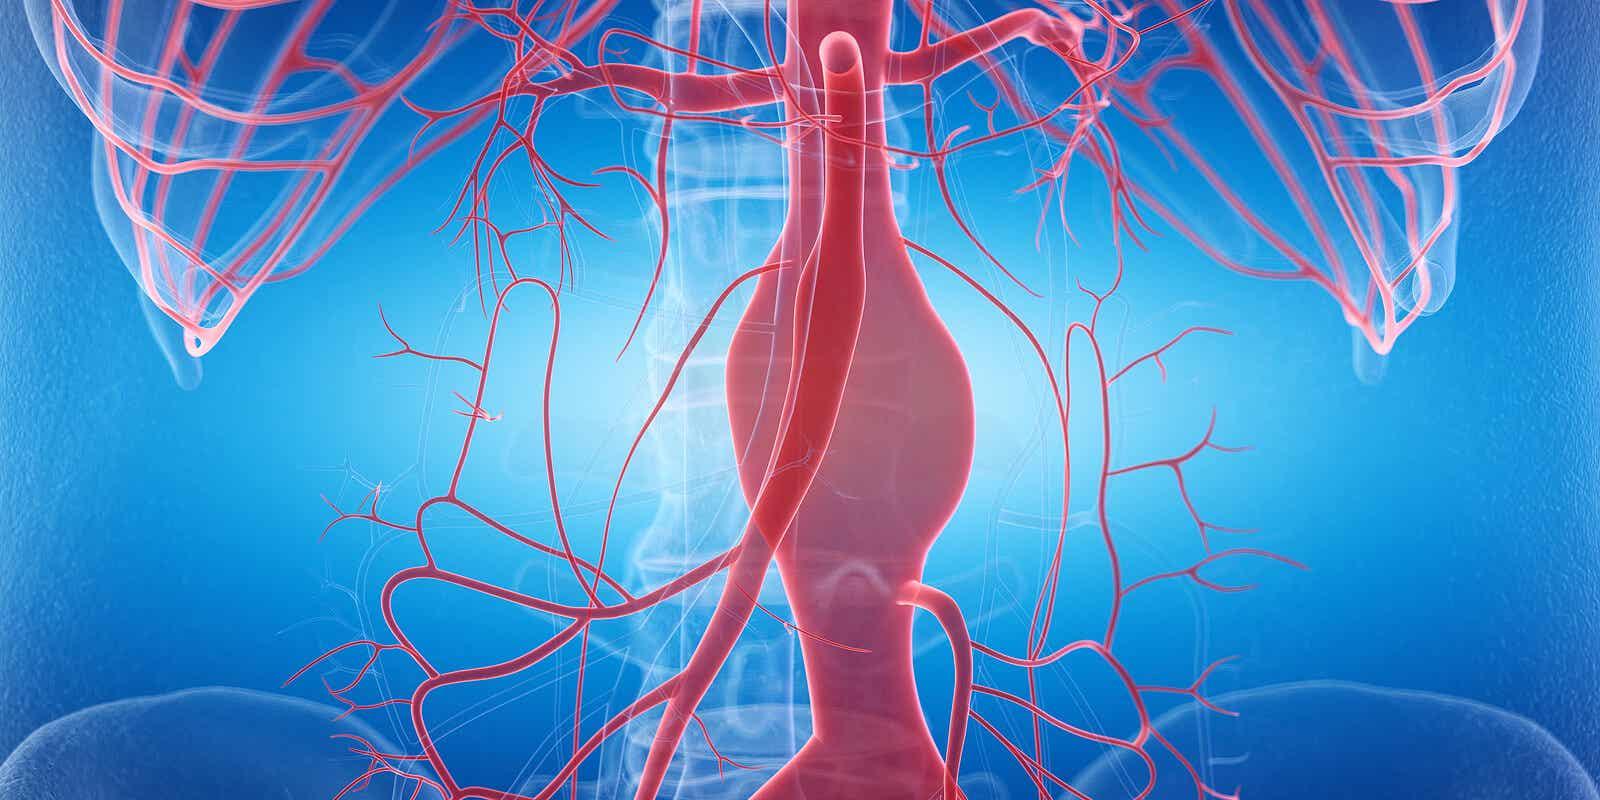 Aneurisma nel vasi sanguigni.